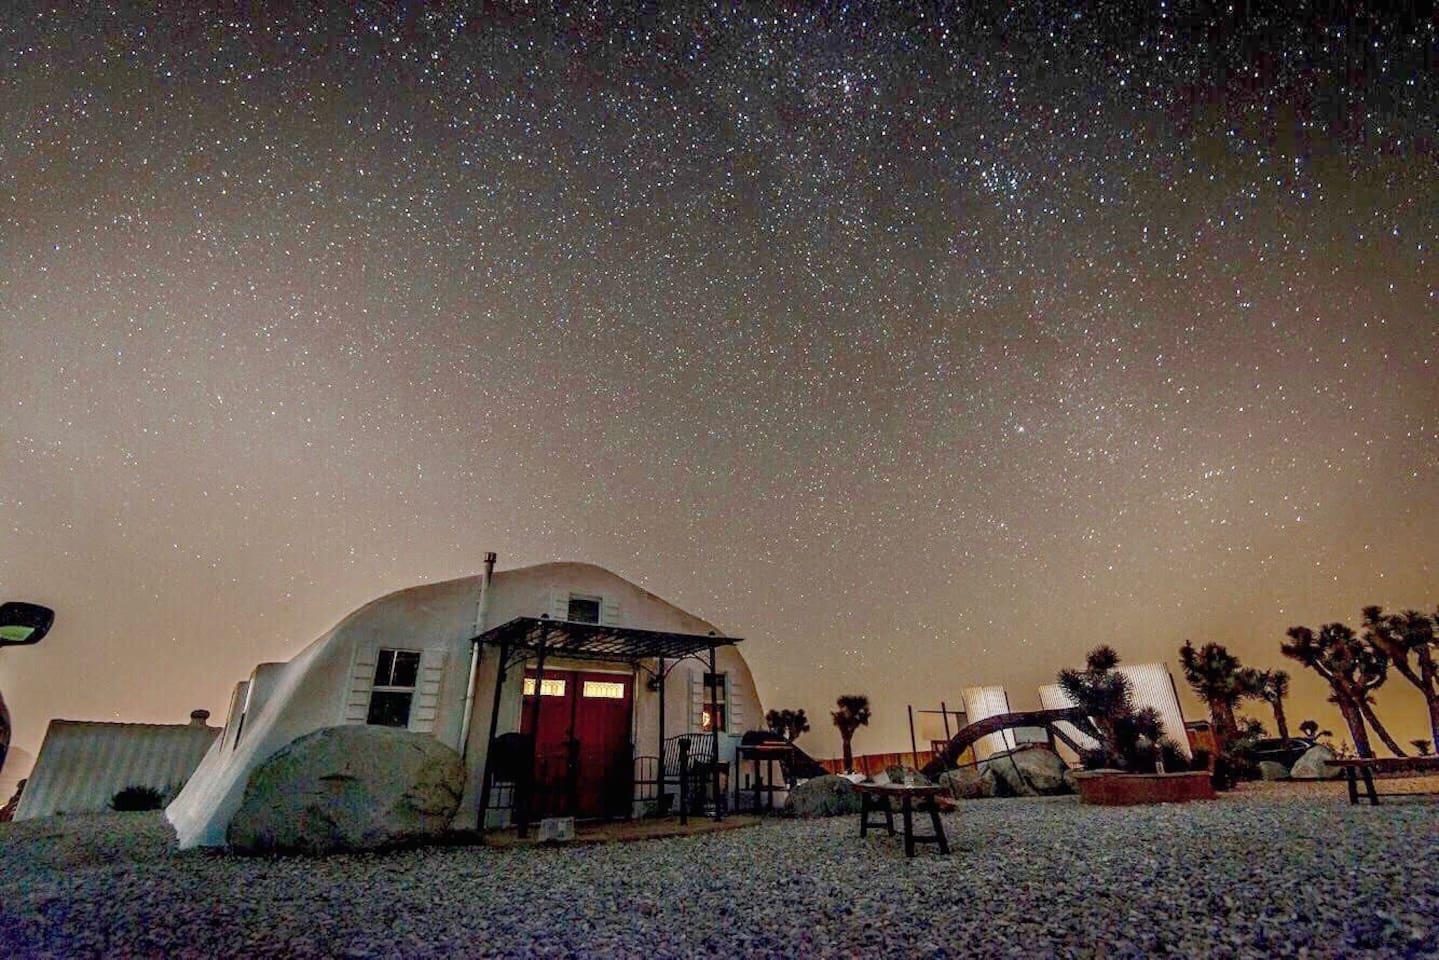 Moon Camp at Night.